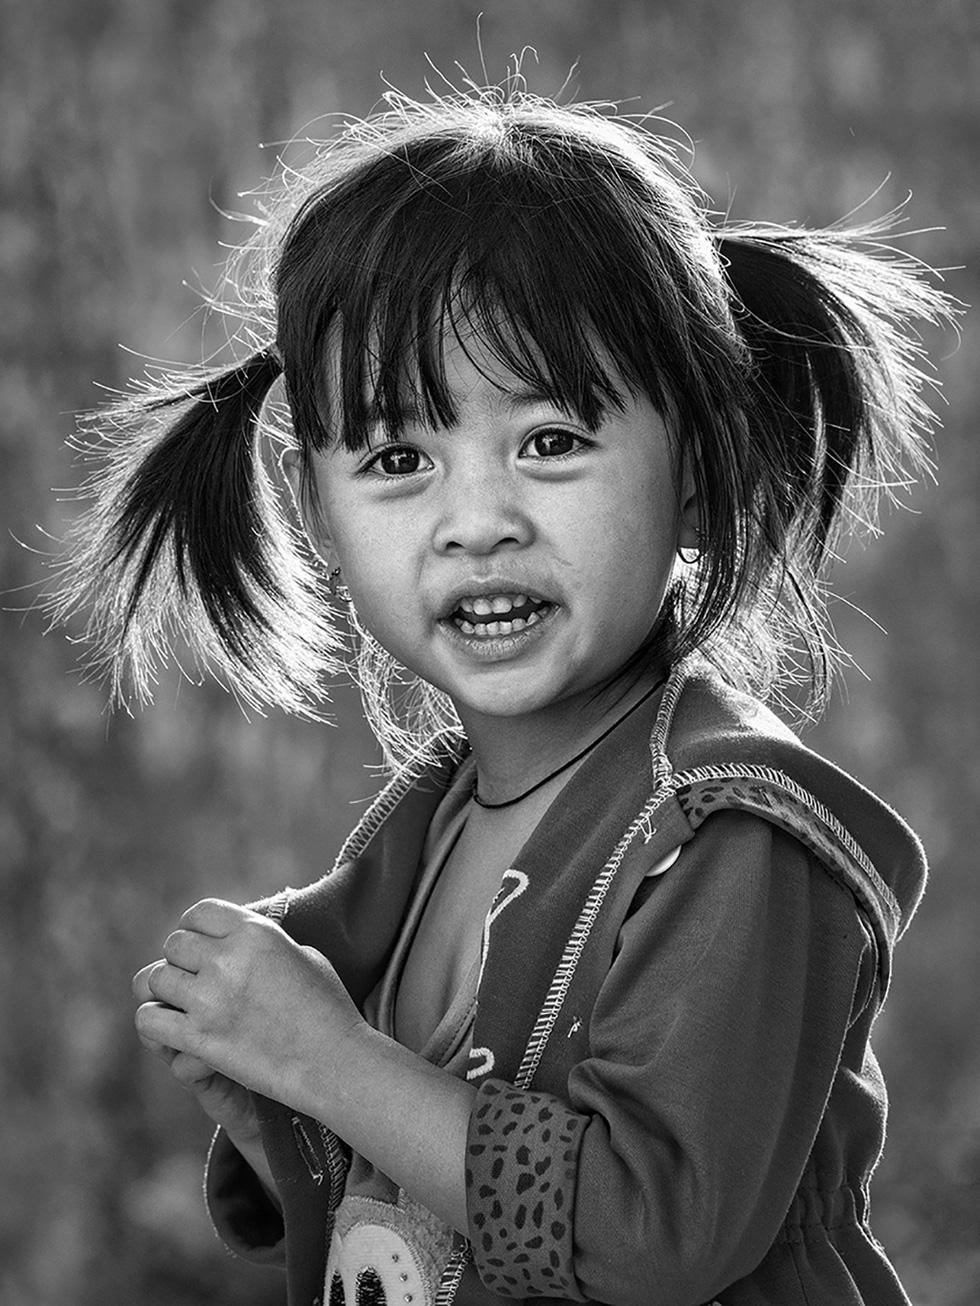 Thấu cảm của nhiếp ảnh gia Lê Hồng Linh: Nếu không phải bây giờ thì bao giờ? - Ảnh 10.